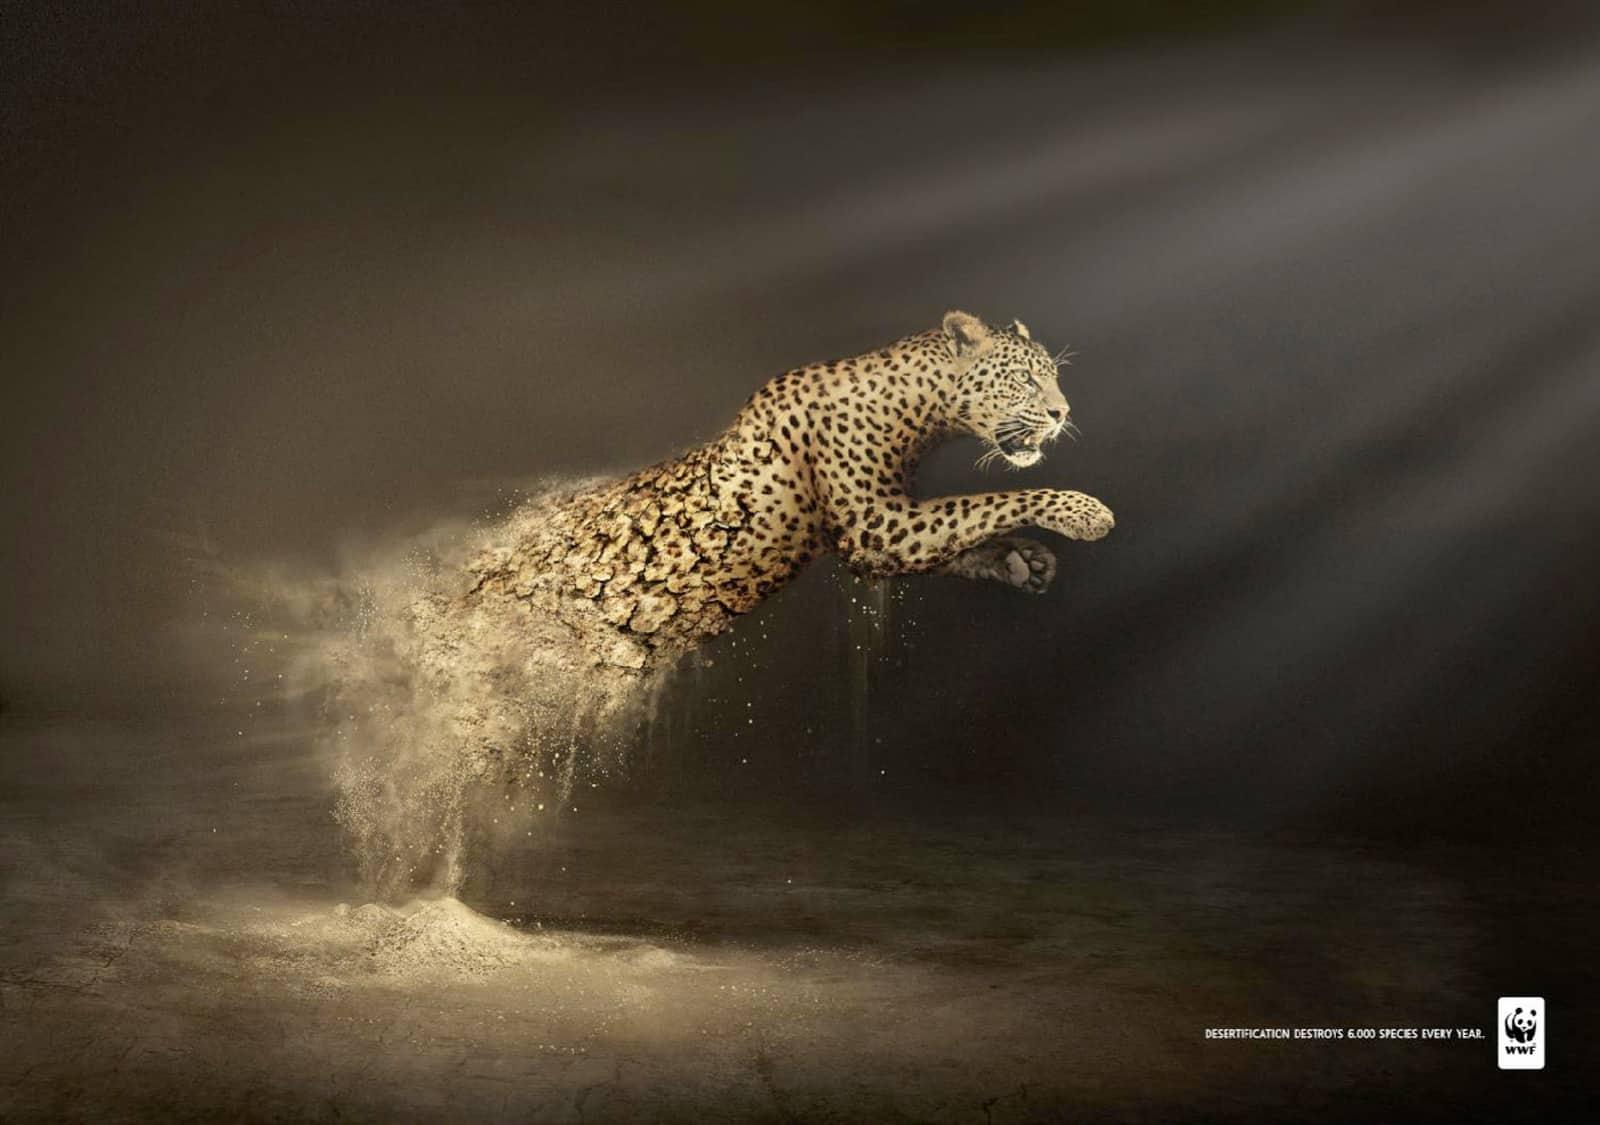 Pub WWF désertification : léopard